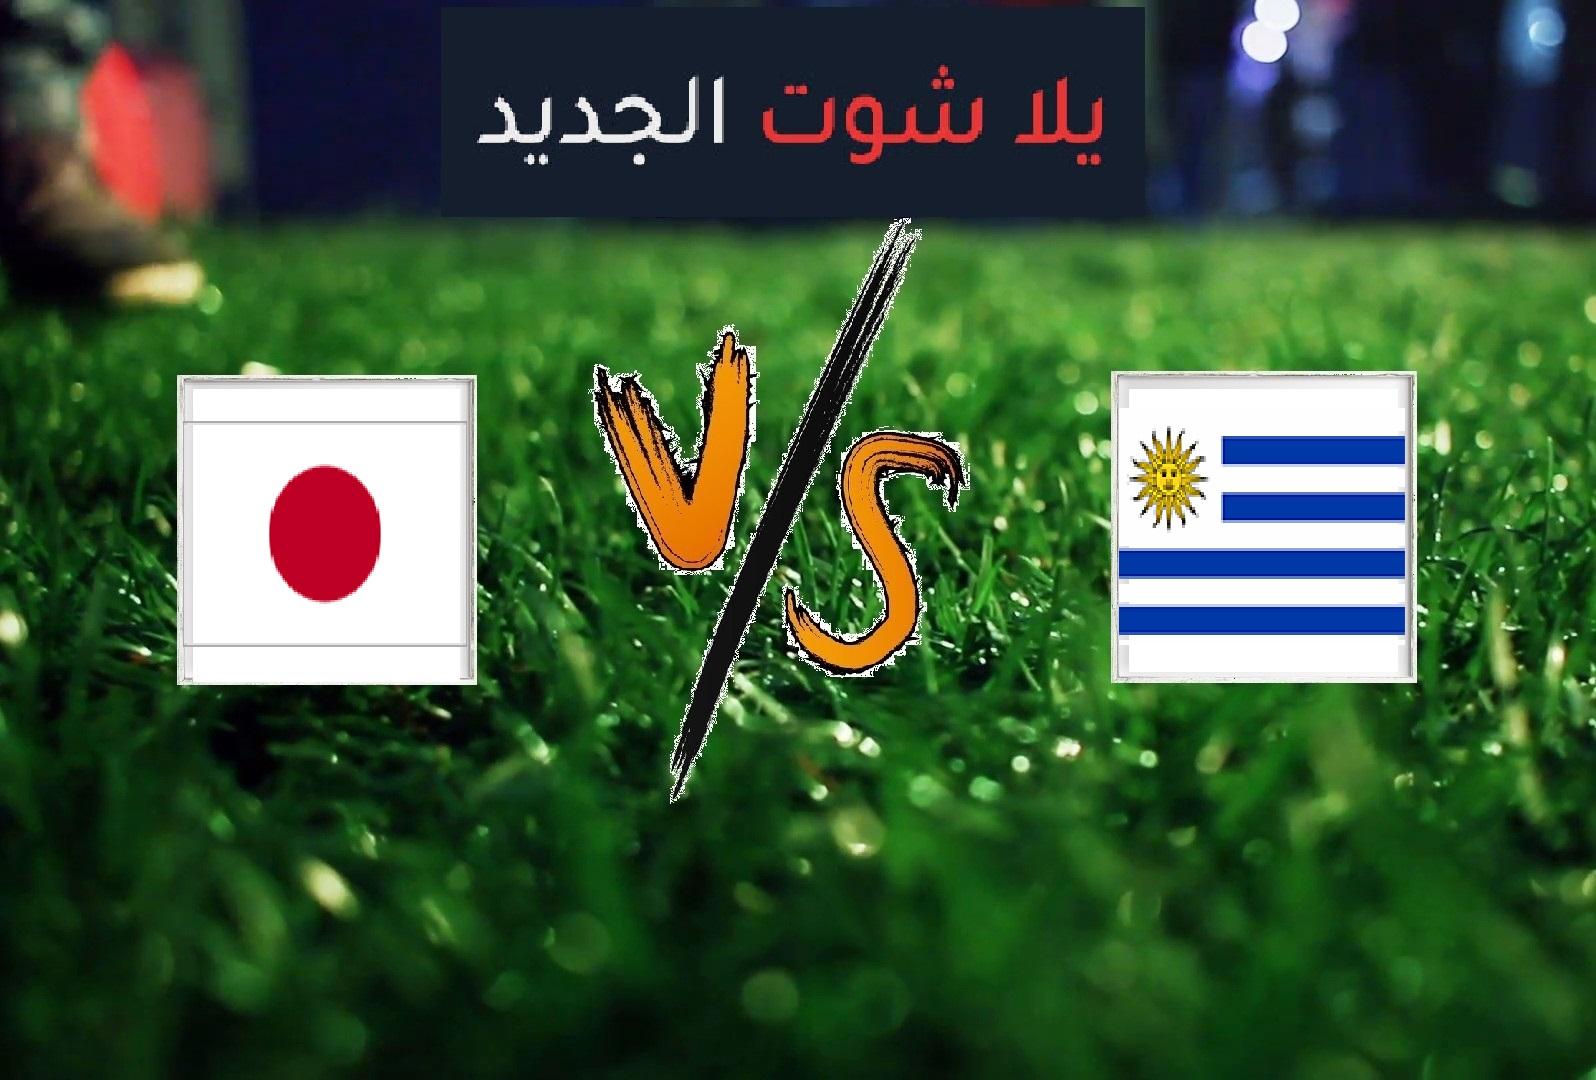 ملخص مباراة أوروجواي واليابان اليوم الخميس بتاريخ 21-06-2019 كوبا أمريكا 2019